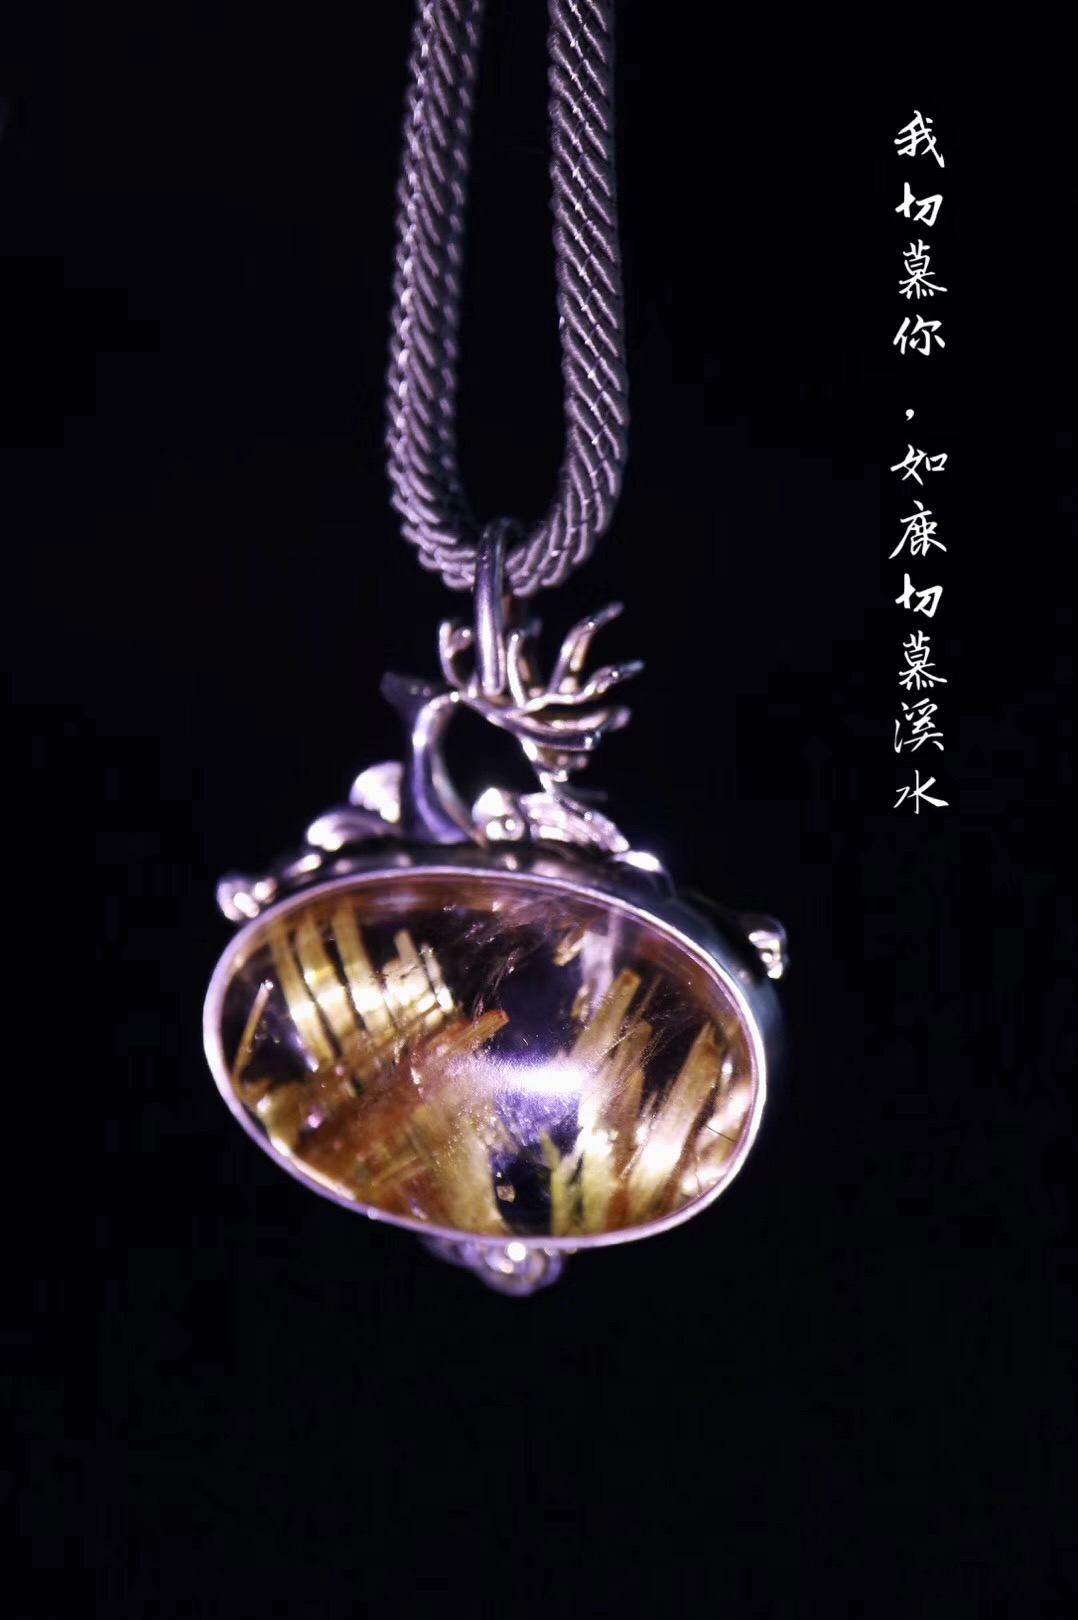 【菩心-钛晶🦌】这枚钛晶坠里有故事-菩心晶舍